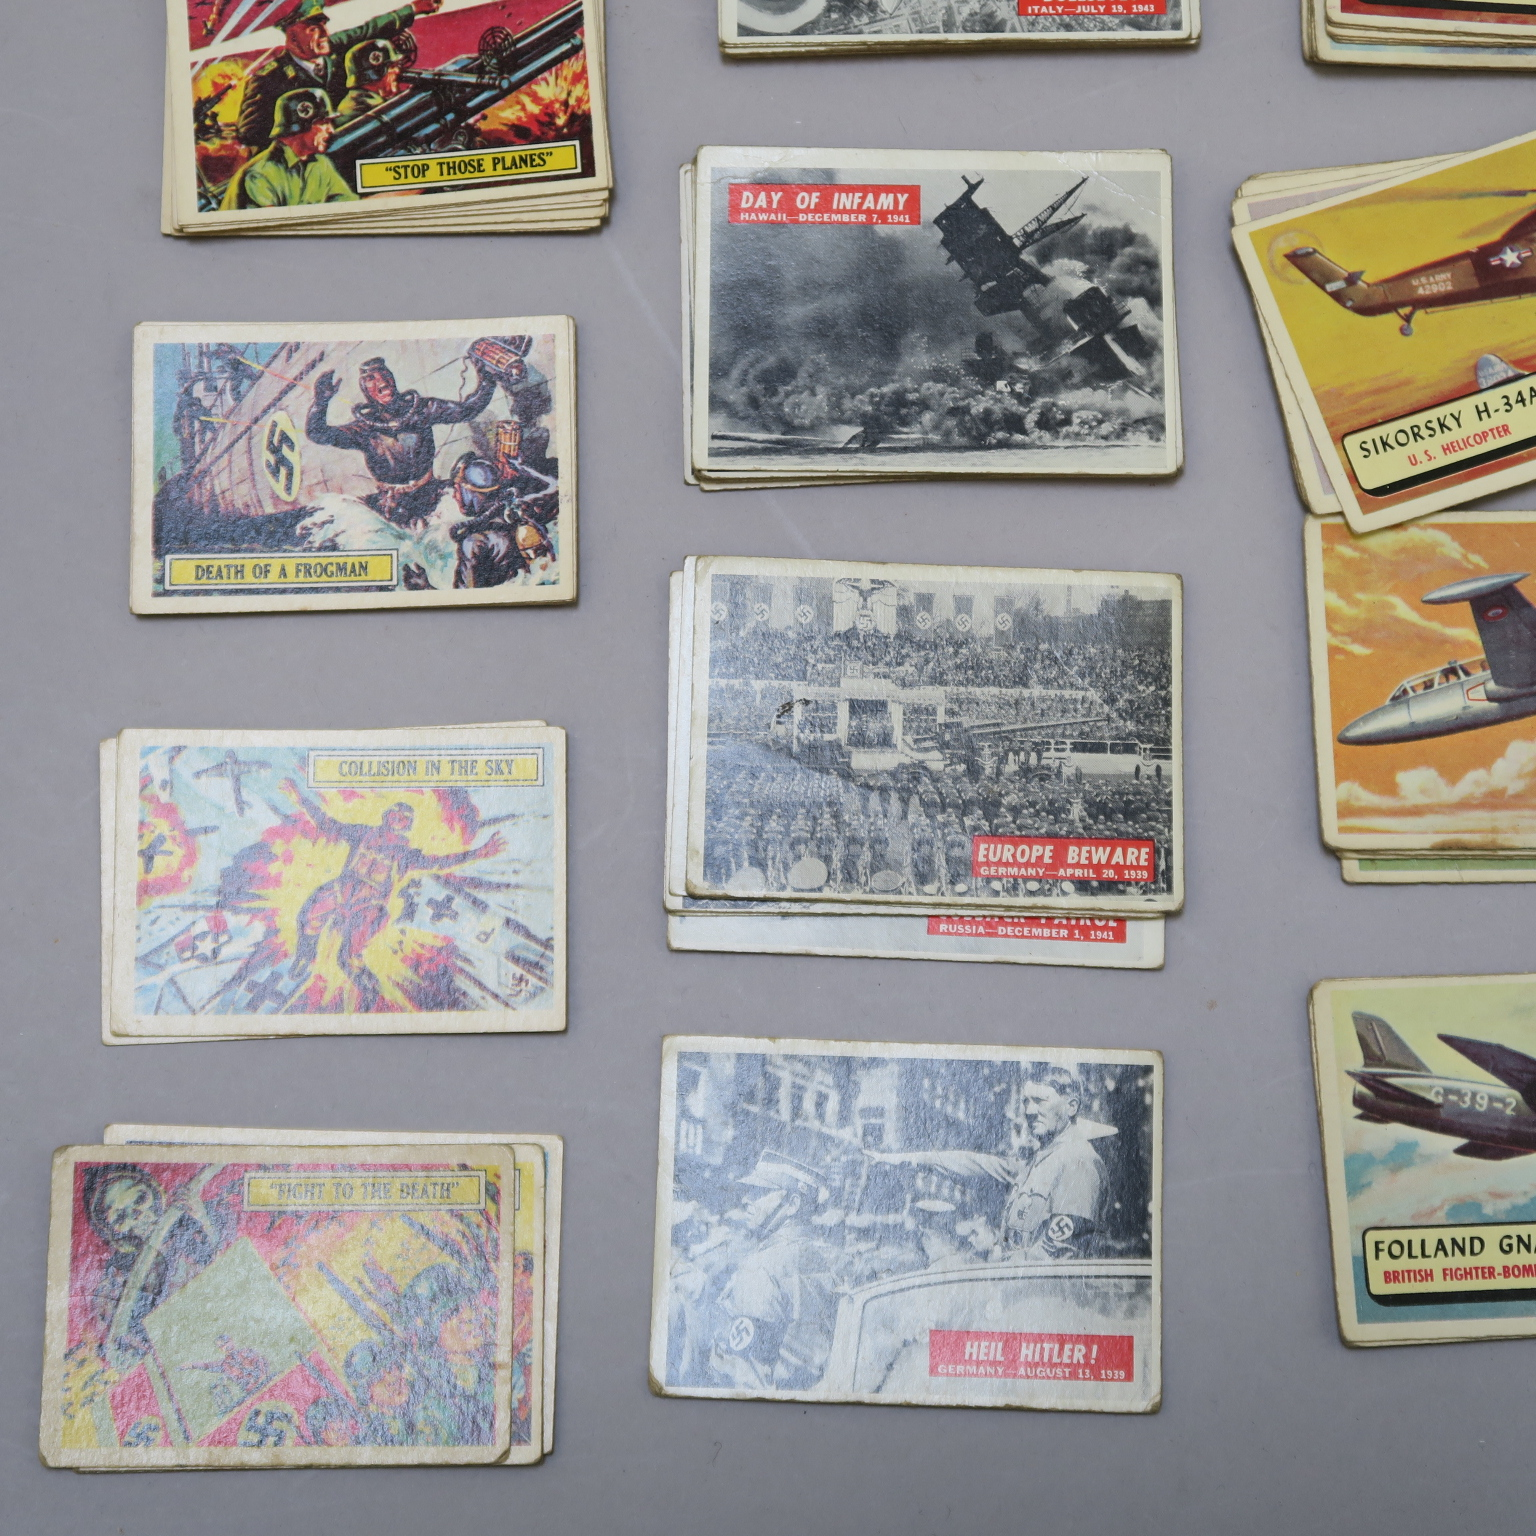 Lot 15 - Mars Attacks 1950s bubblegum cards nos 1 thru 55 (card 44 missing),